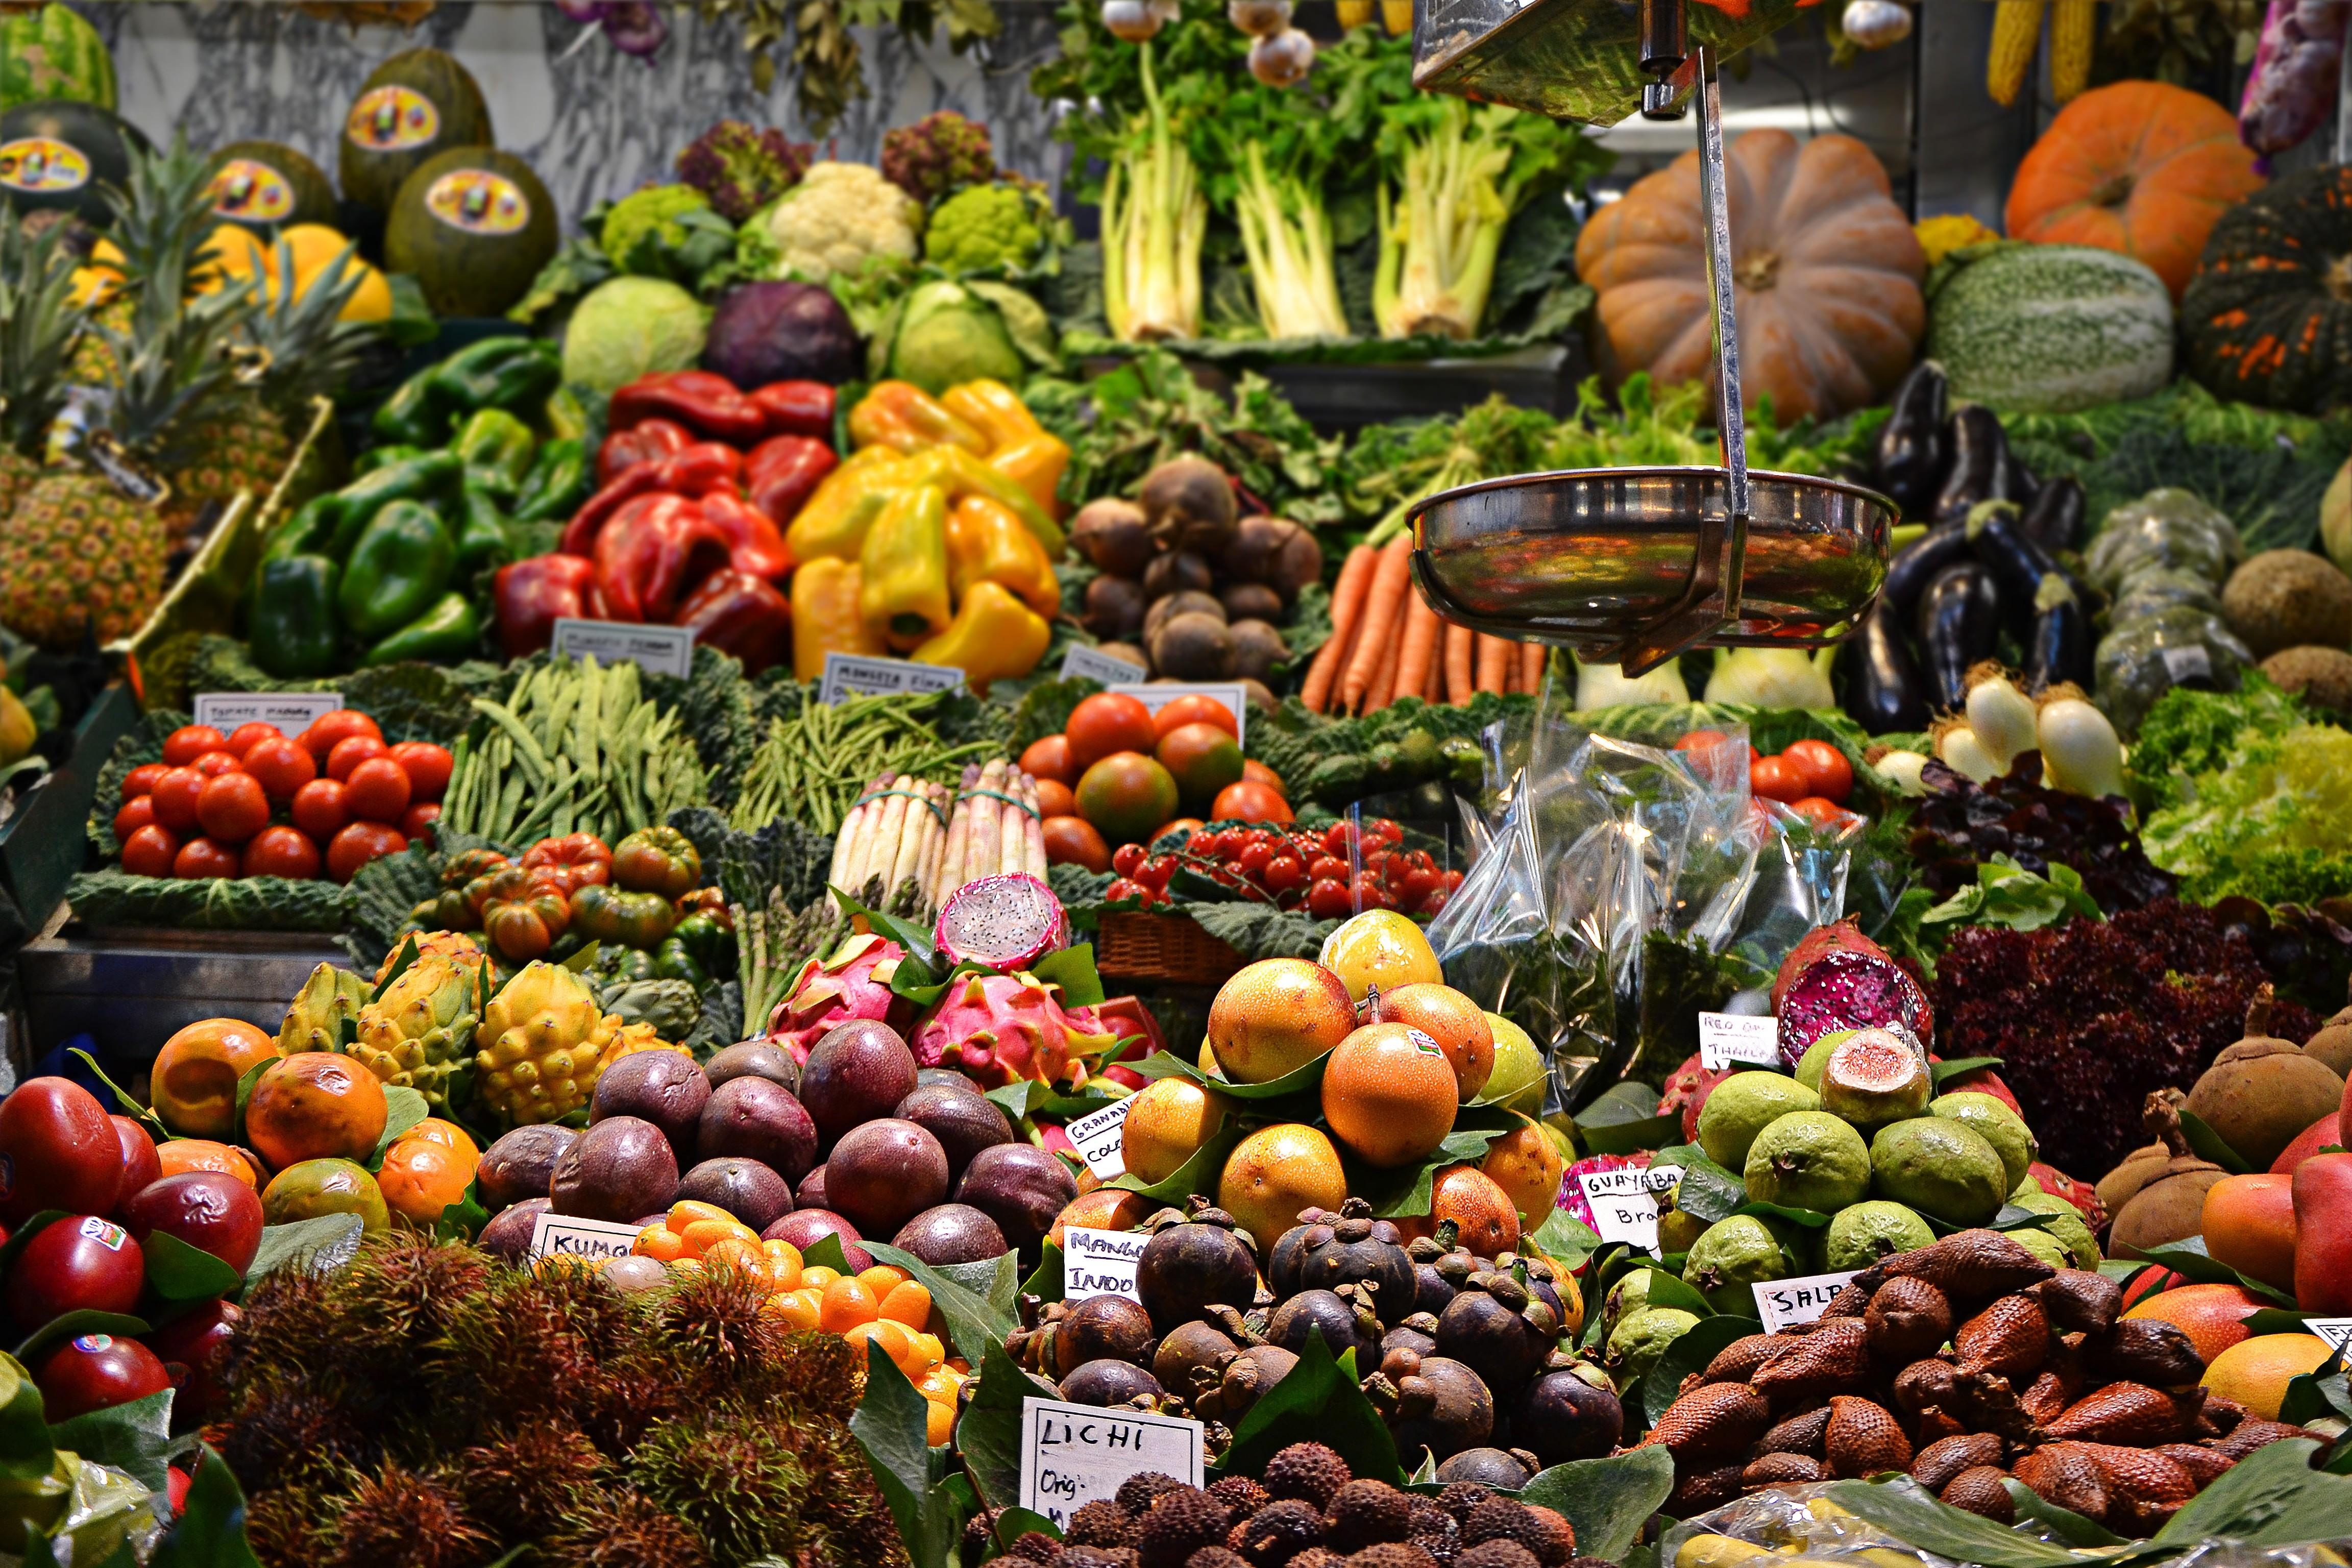 Índice de preço de alimentos salta em novembro para máxima de quase 6 anos, diz FAO